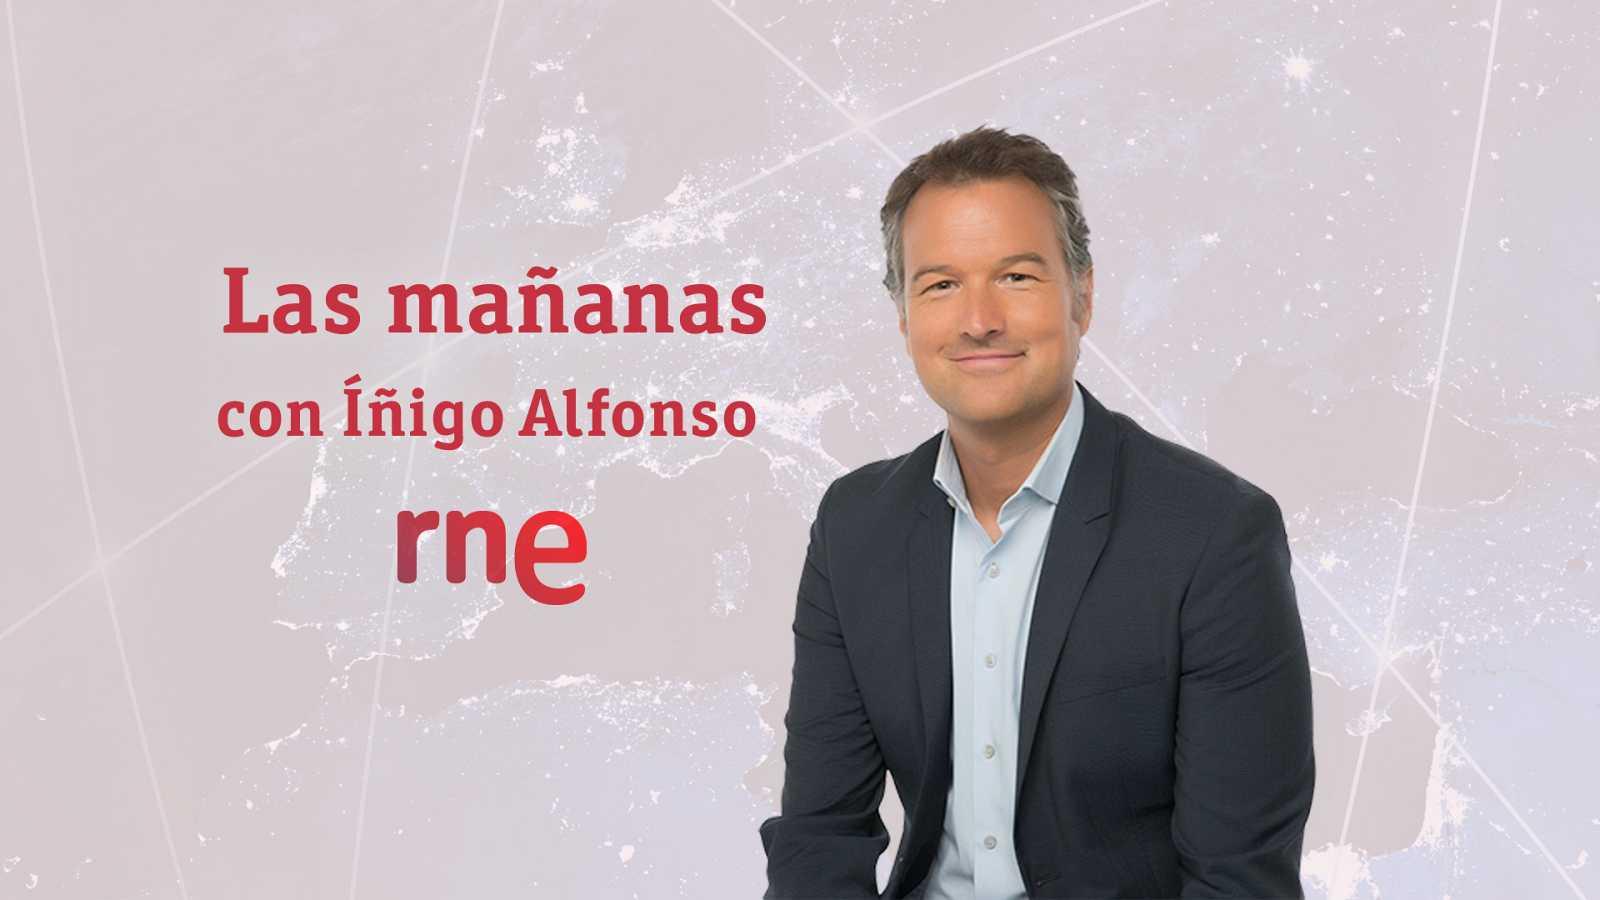 Las mañanas de RNE con Íñigo Alfonso - Segunda hora - 27/10/20 - escuchar ahora